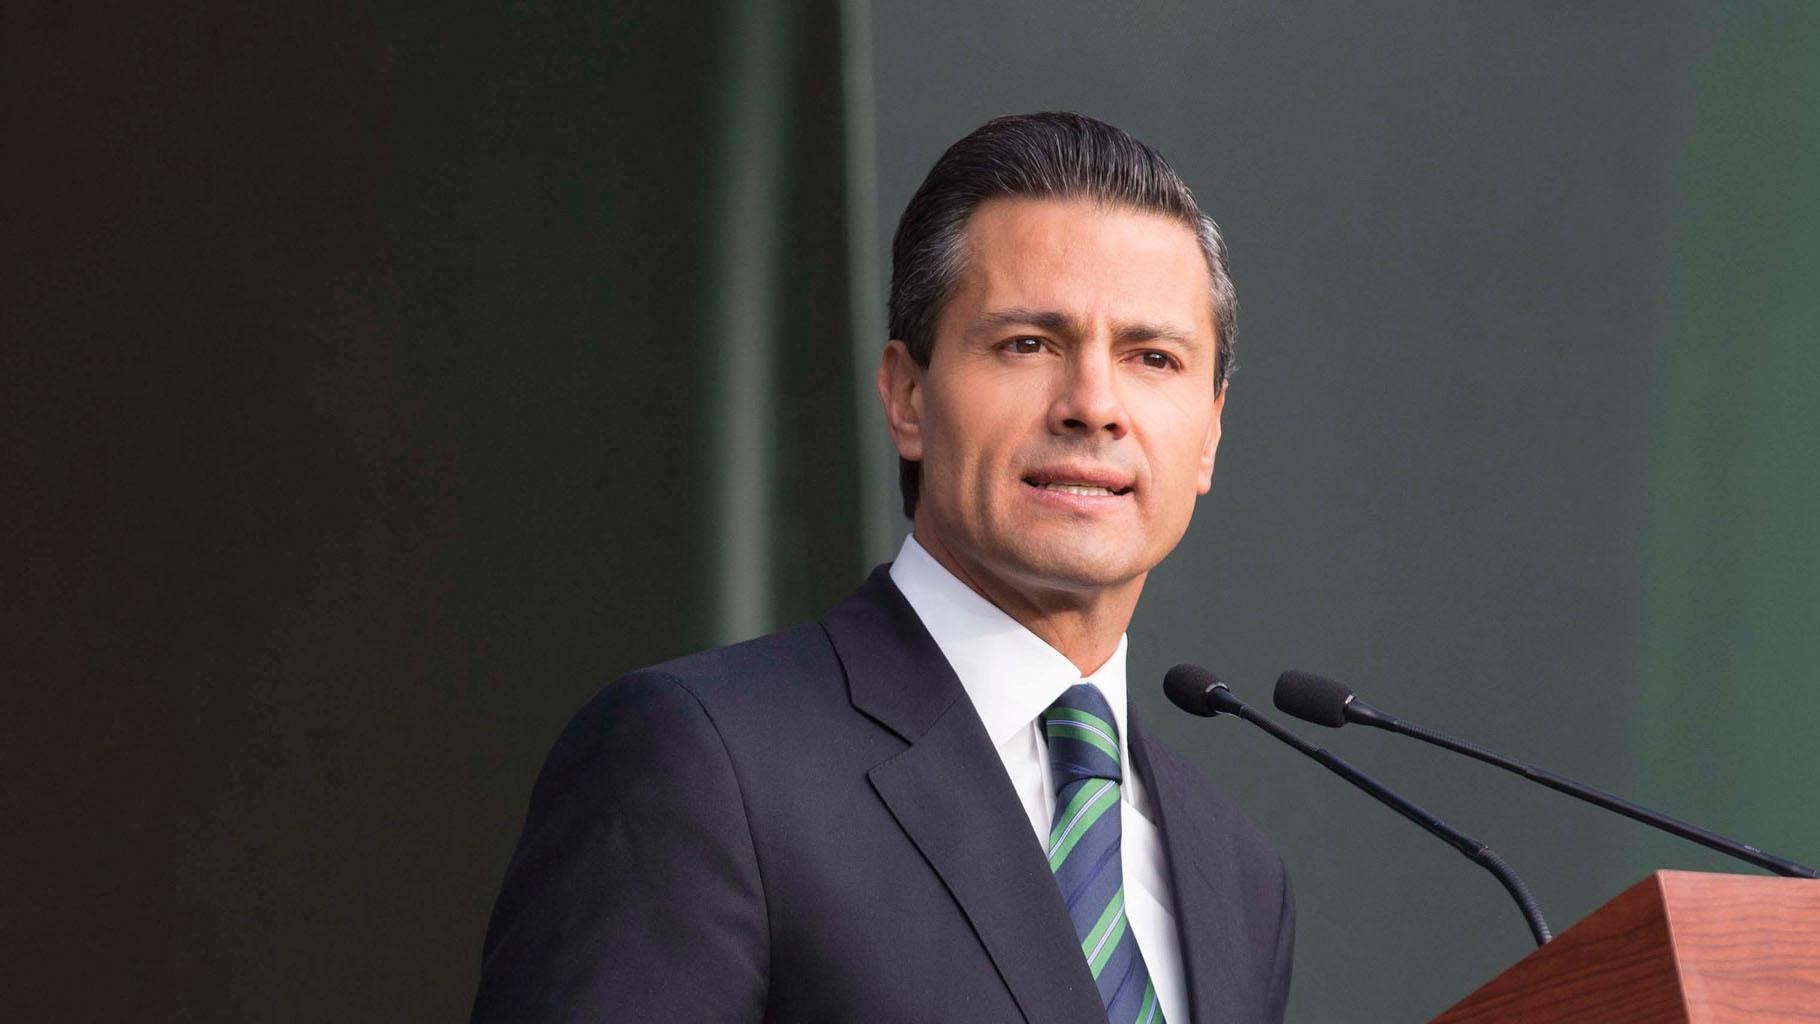 El mandatario mexicano manifestó su preocupación por el hecho al que consideró un atentado contra la democracia y la tarea del parlamento